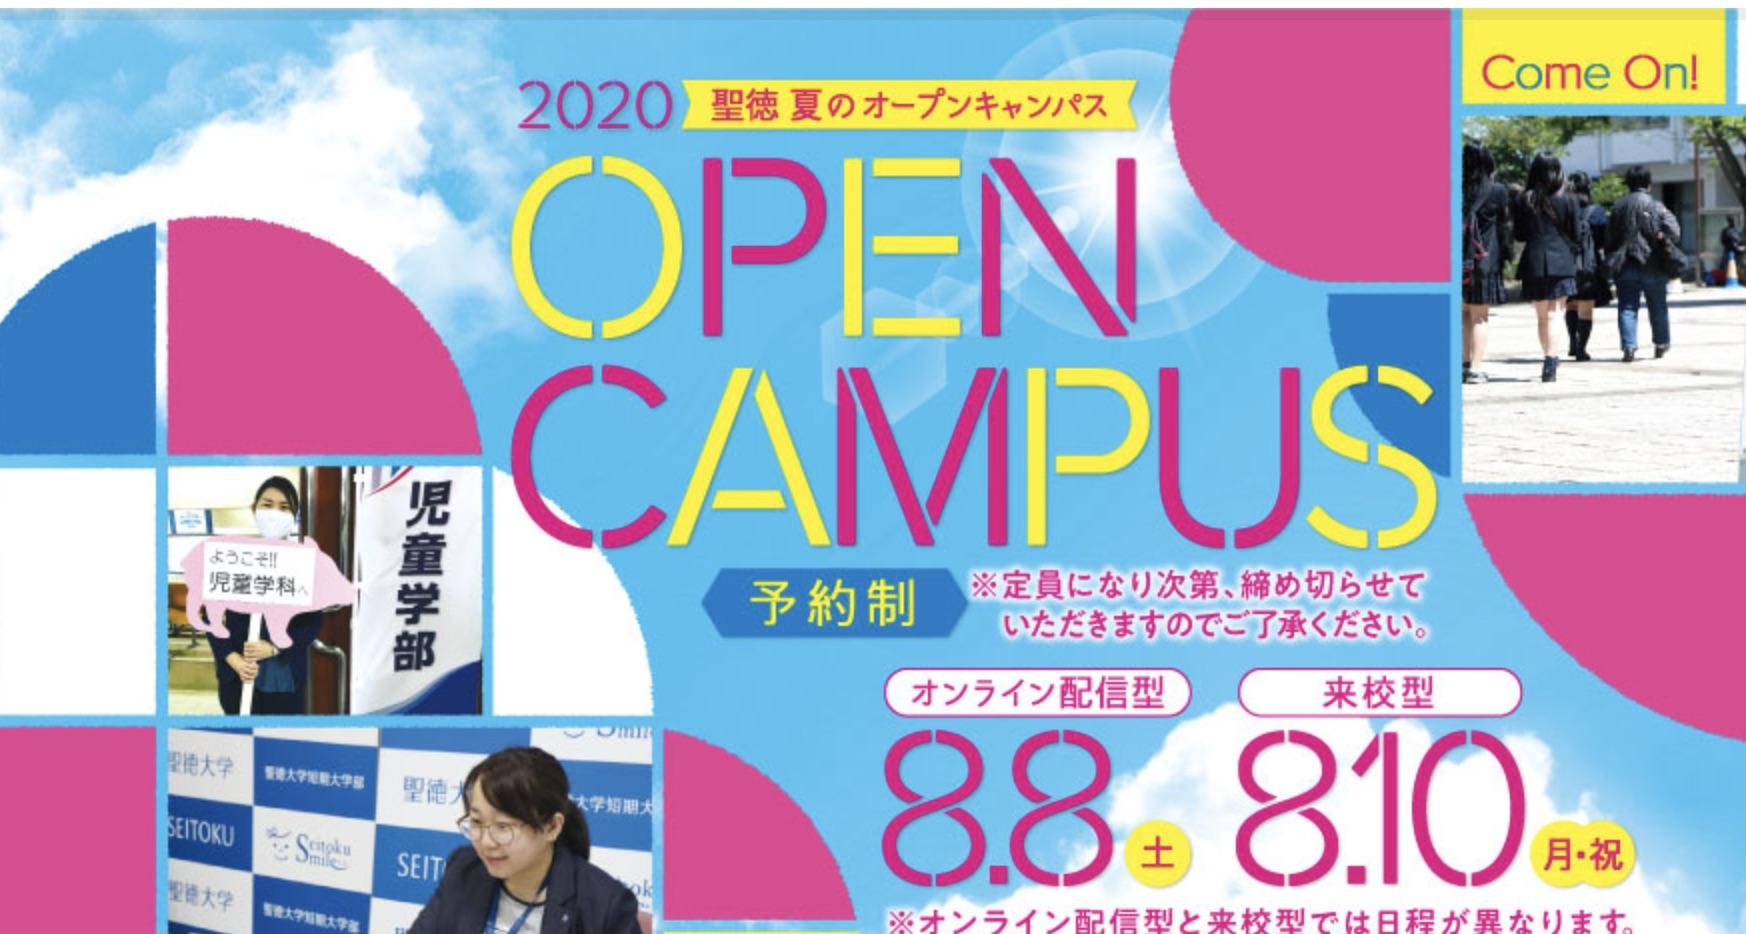 8月10日(土)来場型オープンキャンパス開催!